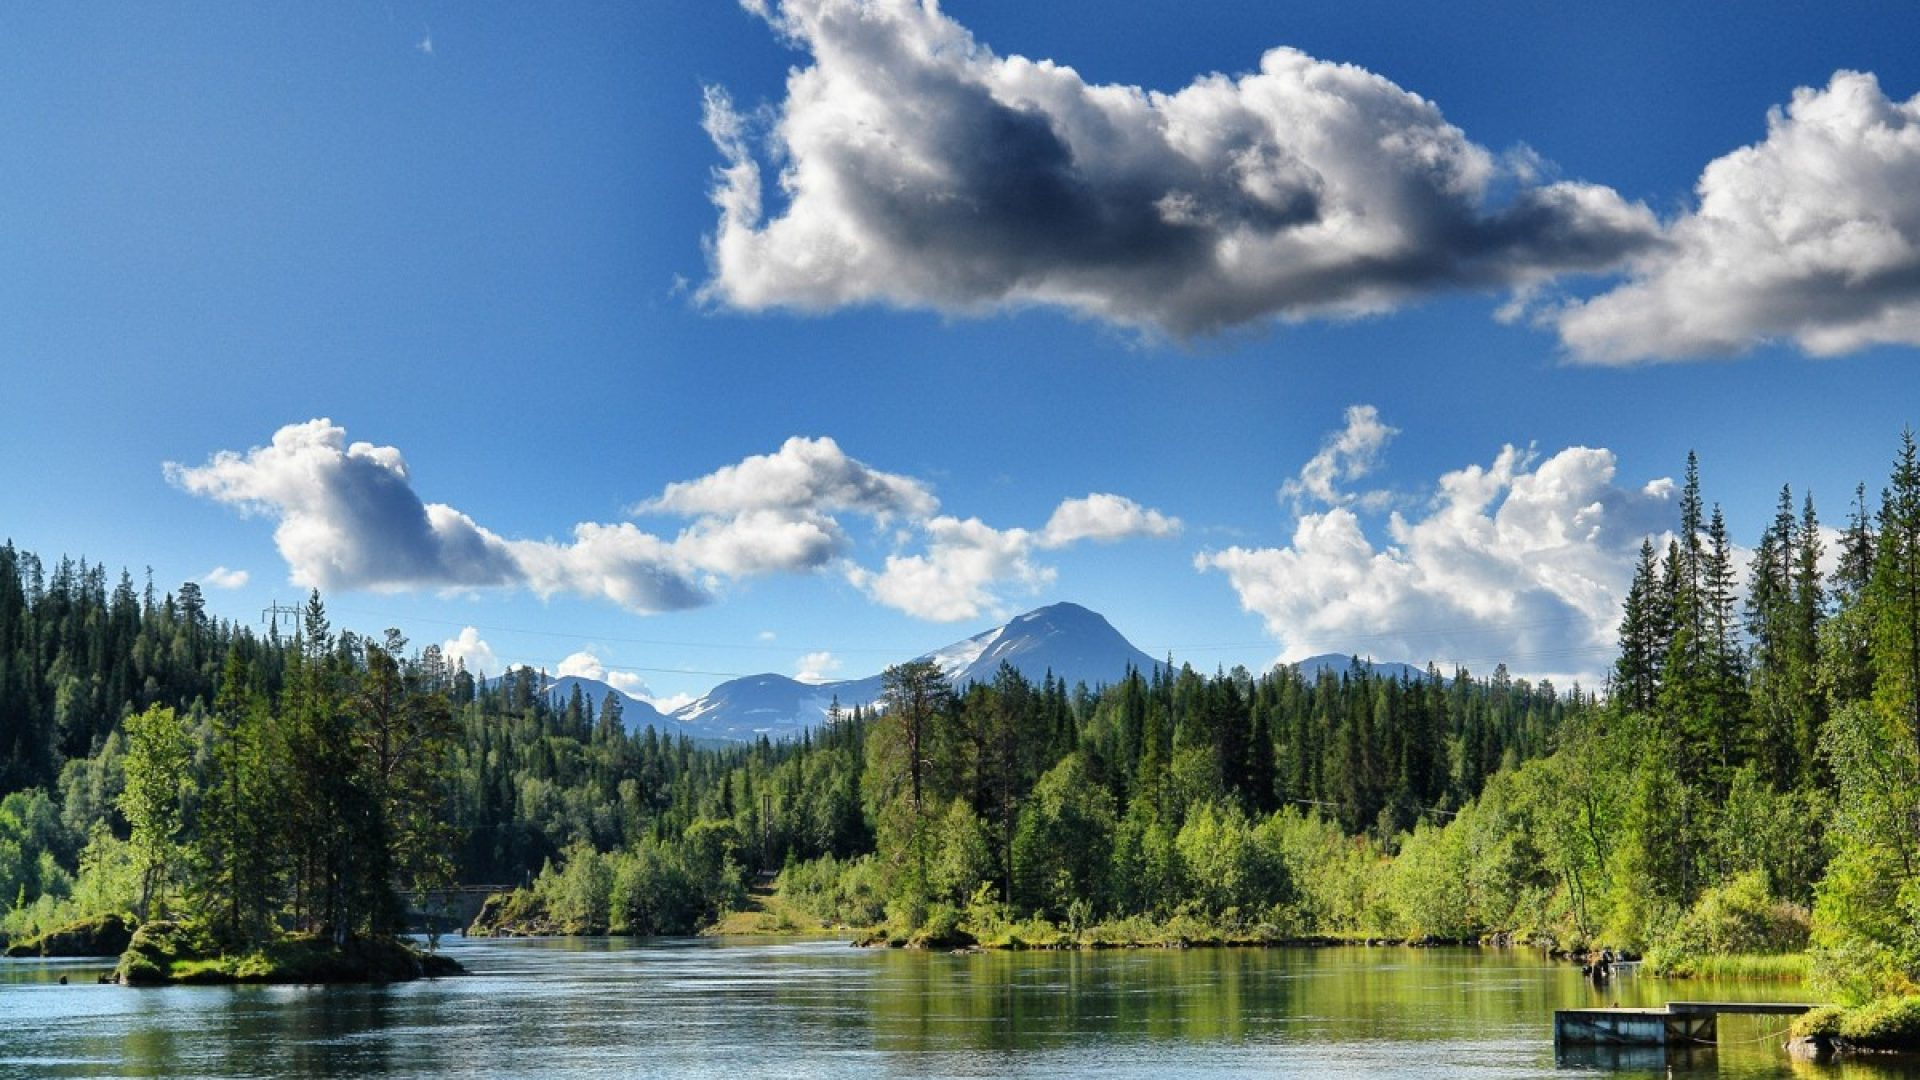 vakkert landskapsbilde sol og fint vær på Helgeland